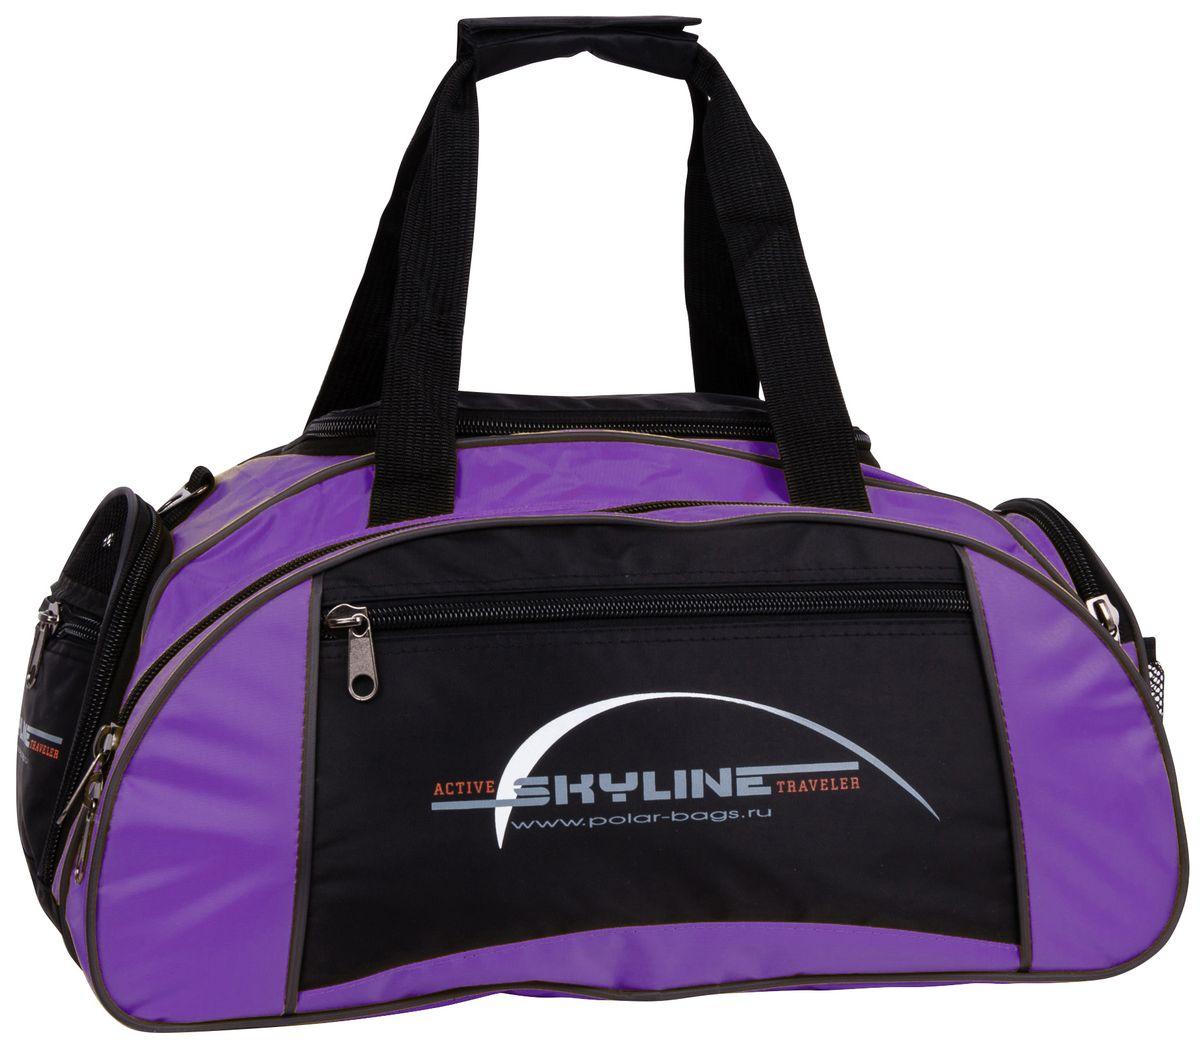 Сумка спортивная Polar Скайлайн, цвет: черный, фиолетовый, 36 л. 6063